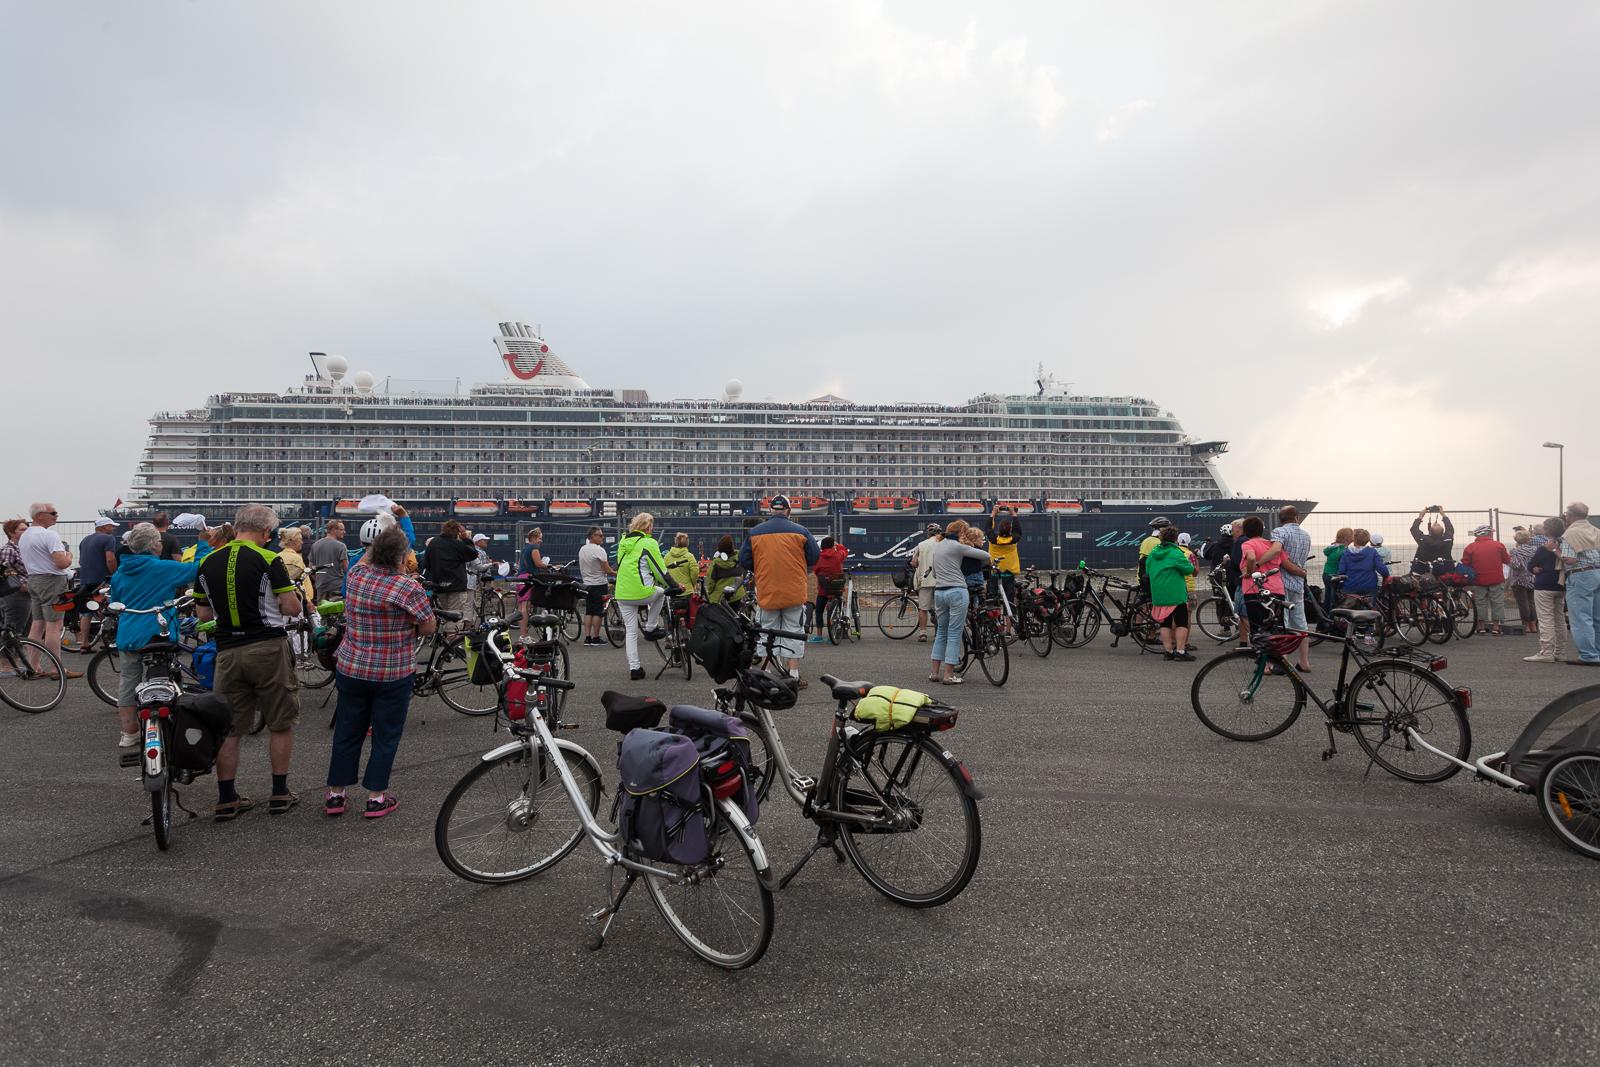 Zahlreiche schiffsbegeisterte Zaungäste begrüßen die Mein Schiff 5 in Bremerhaven